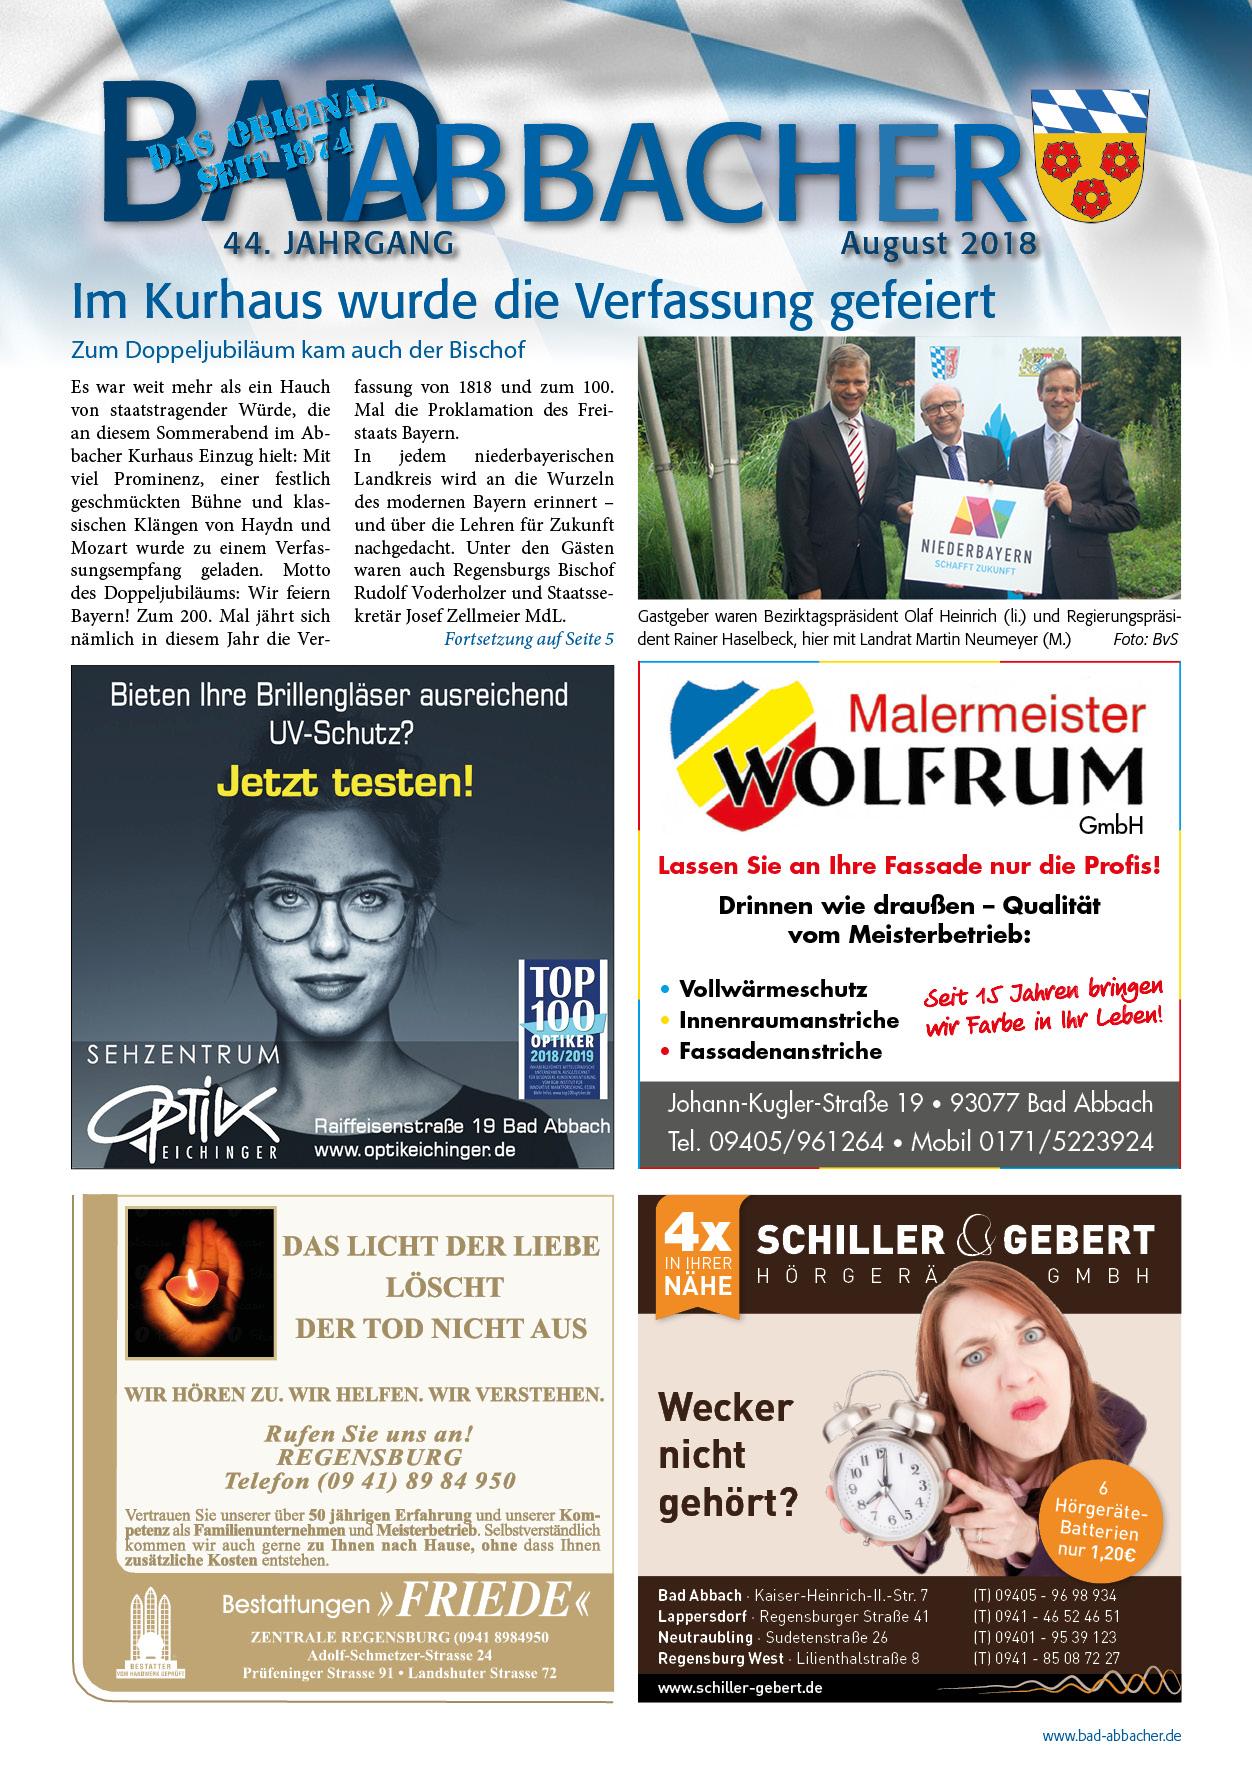 bad-abbacher-august-2018